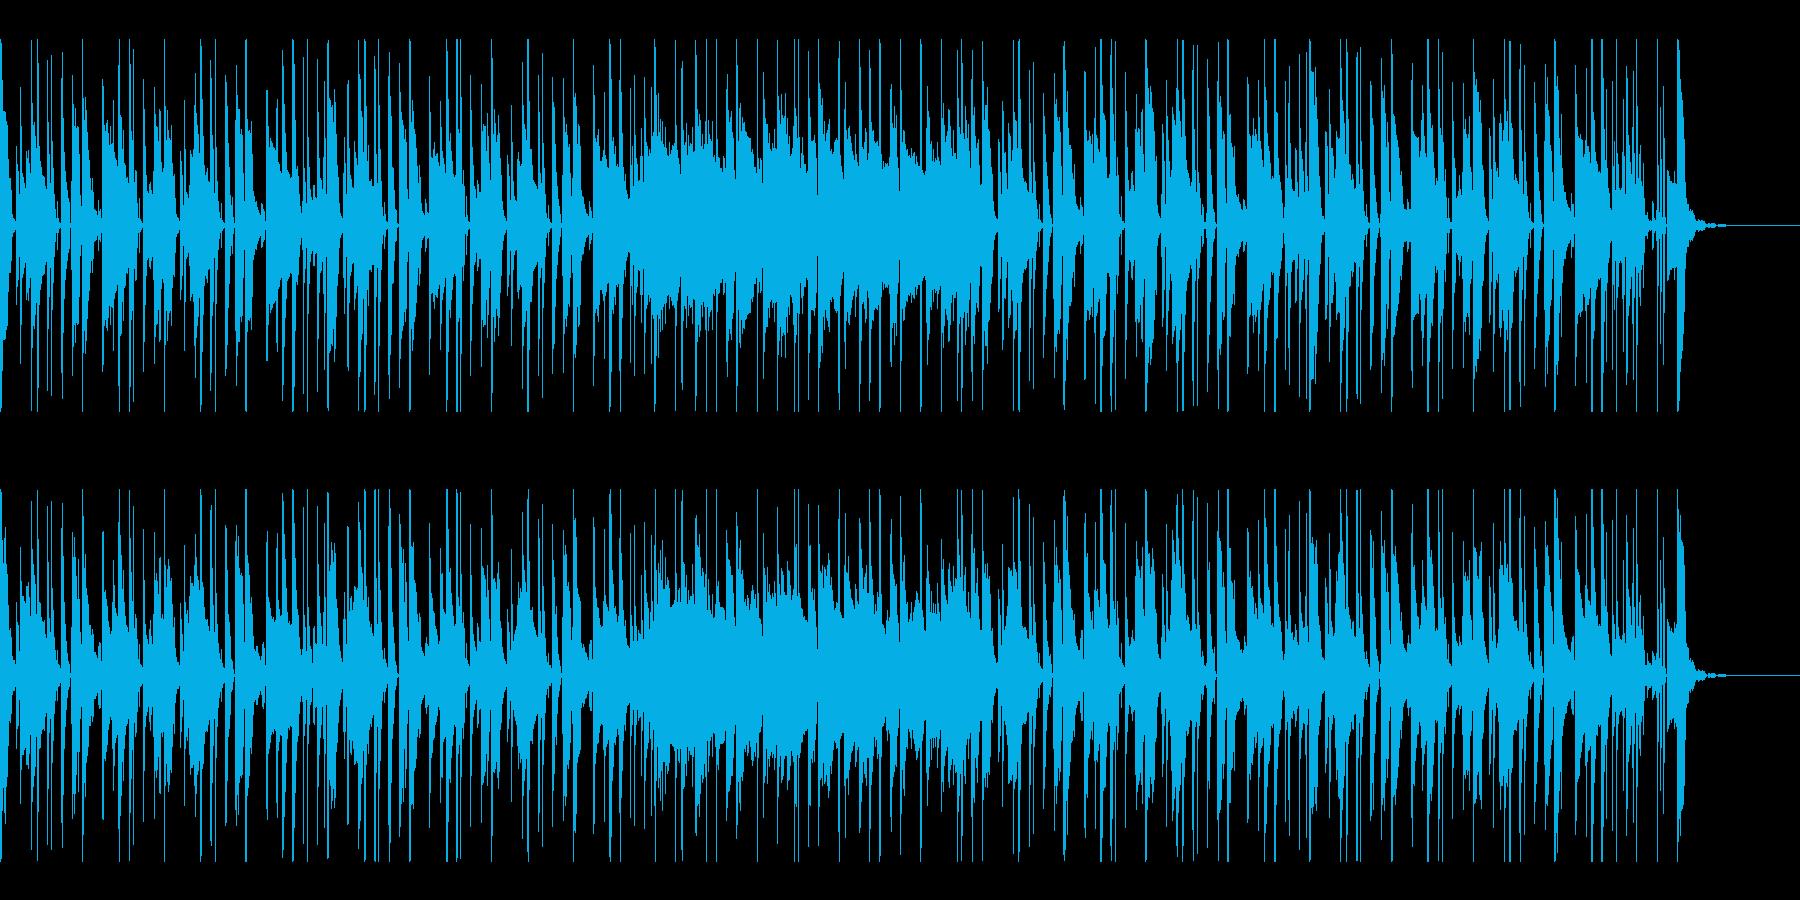 明るくスイング感のあるテクノポップの再生済みの波形